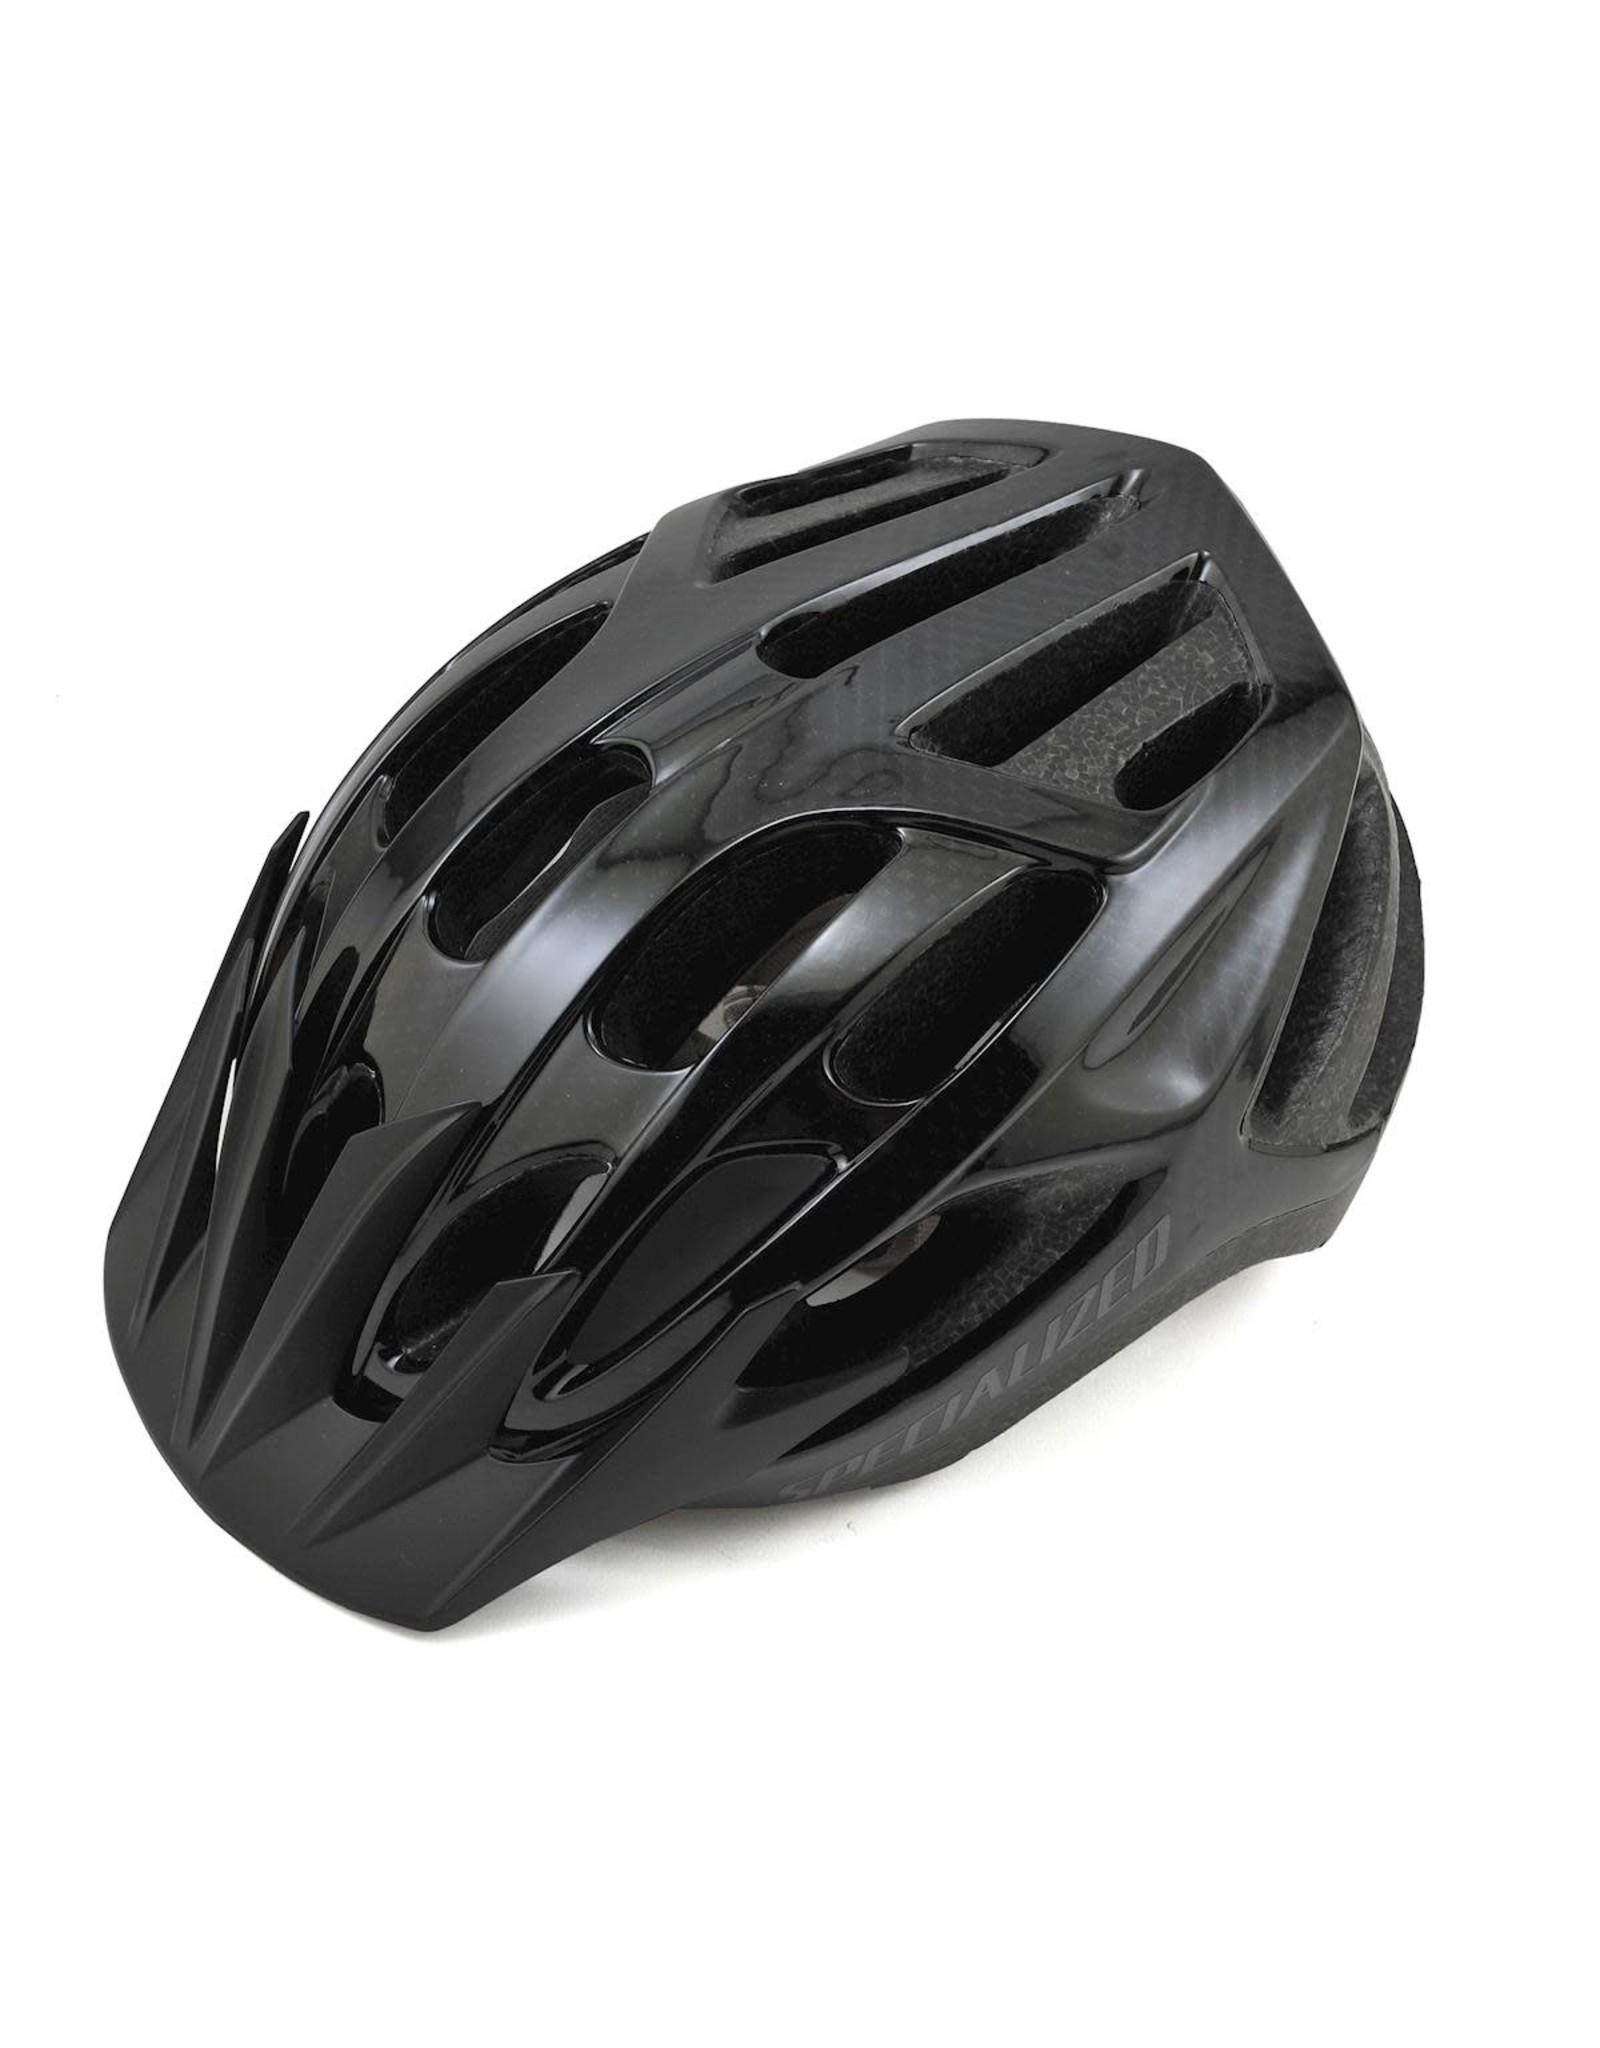 Specialized Specialized Max Helmet - Black - XL